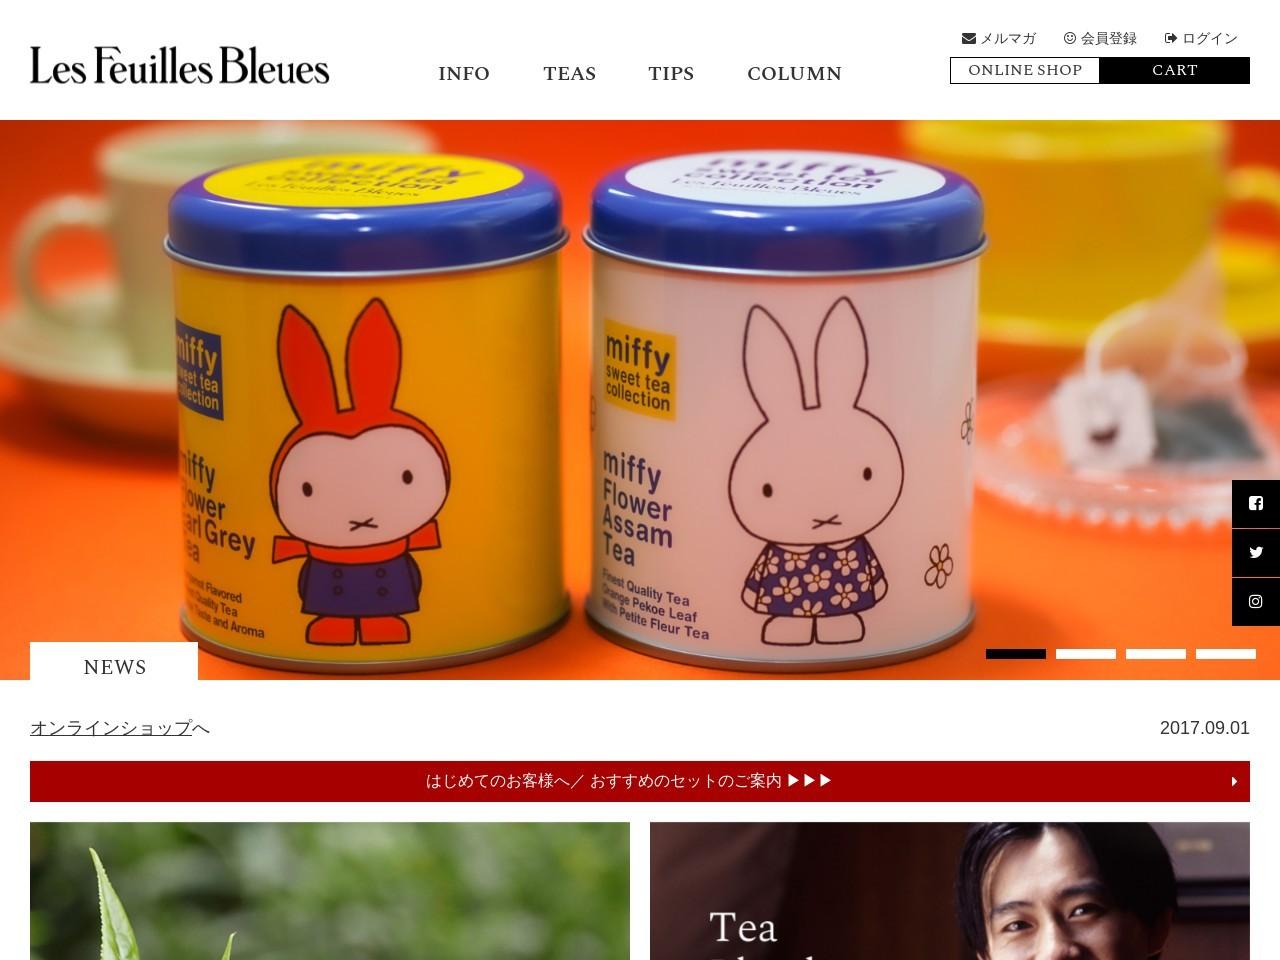 日本発の紅茶ブランド会社 フィーユ・ブルー:Les Feuilles Bleues